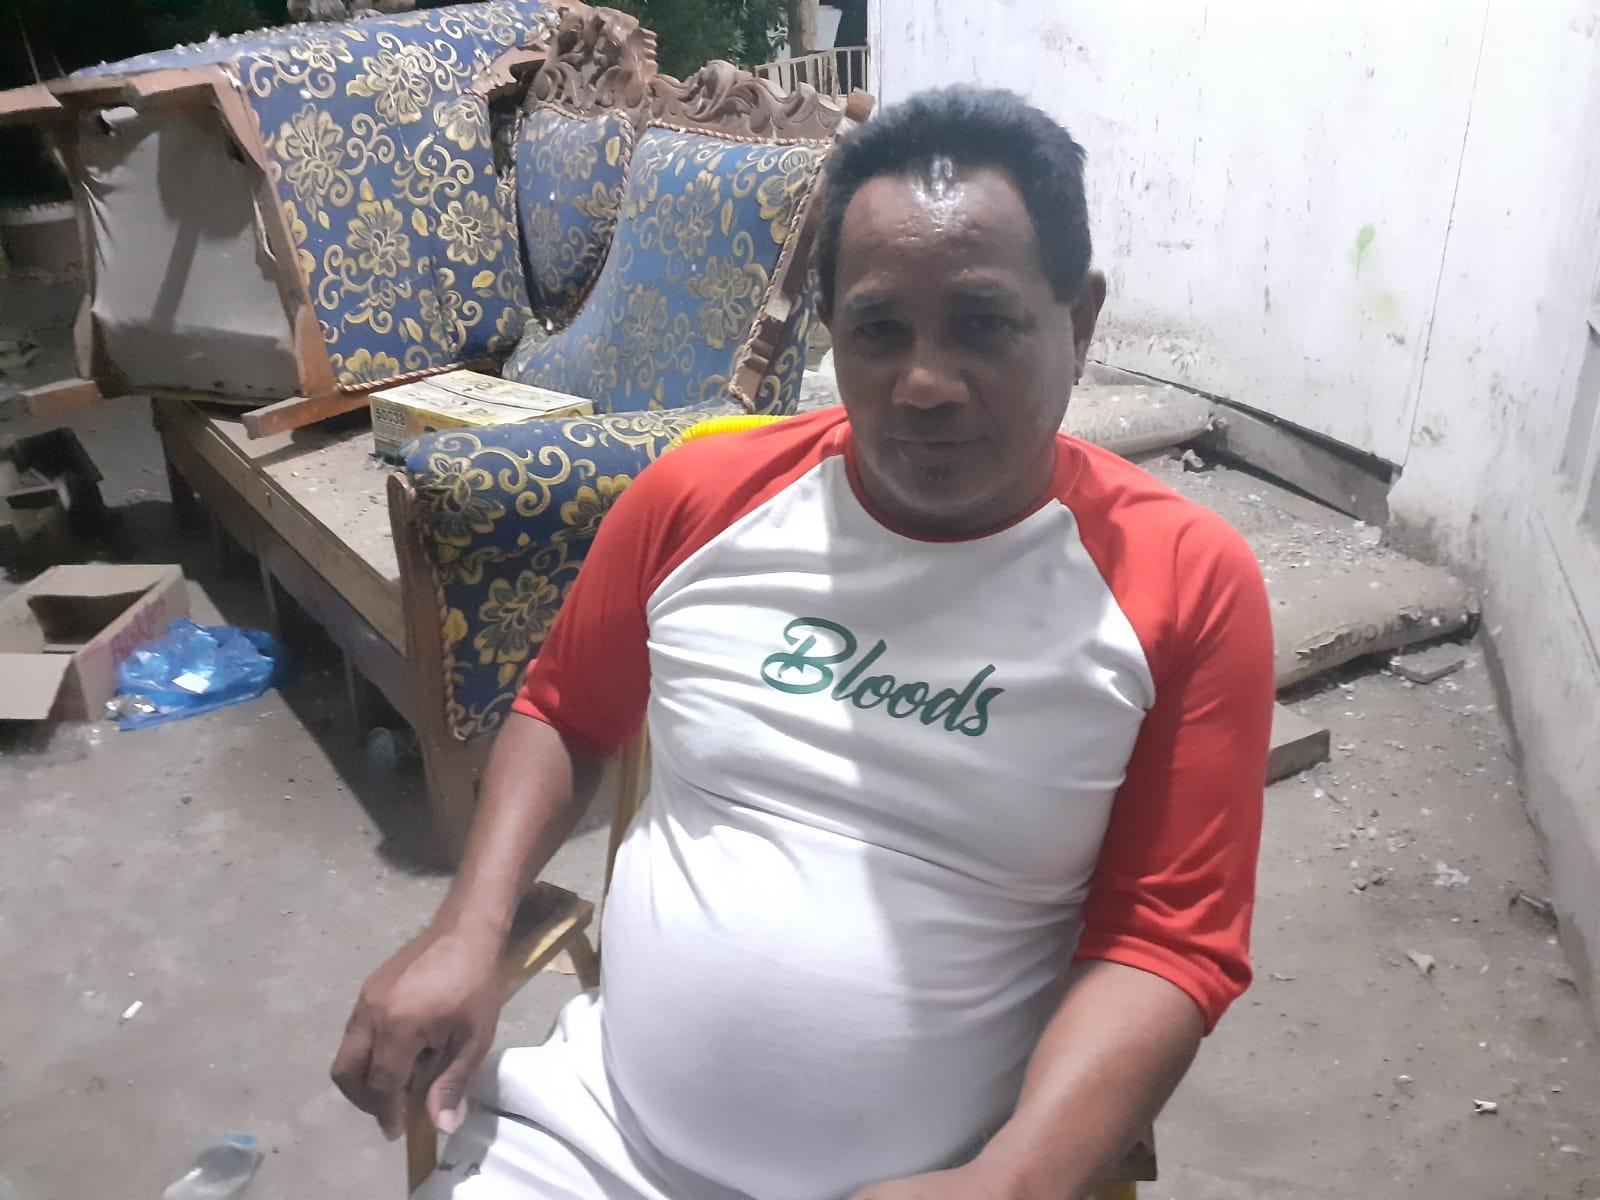 Ketua Gapensi Sikka, Paulus Papo Belang. Foto: Lintasnusanews.com/Karel Pandu